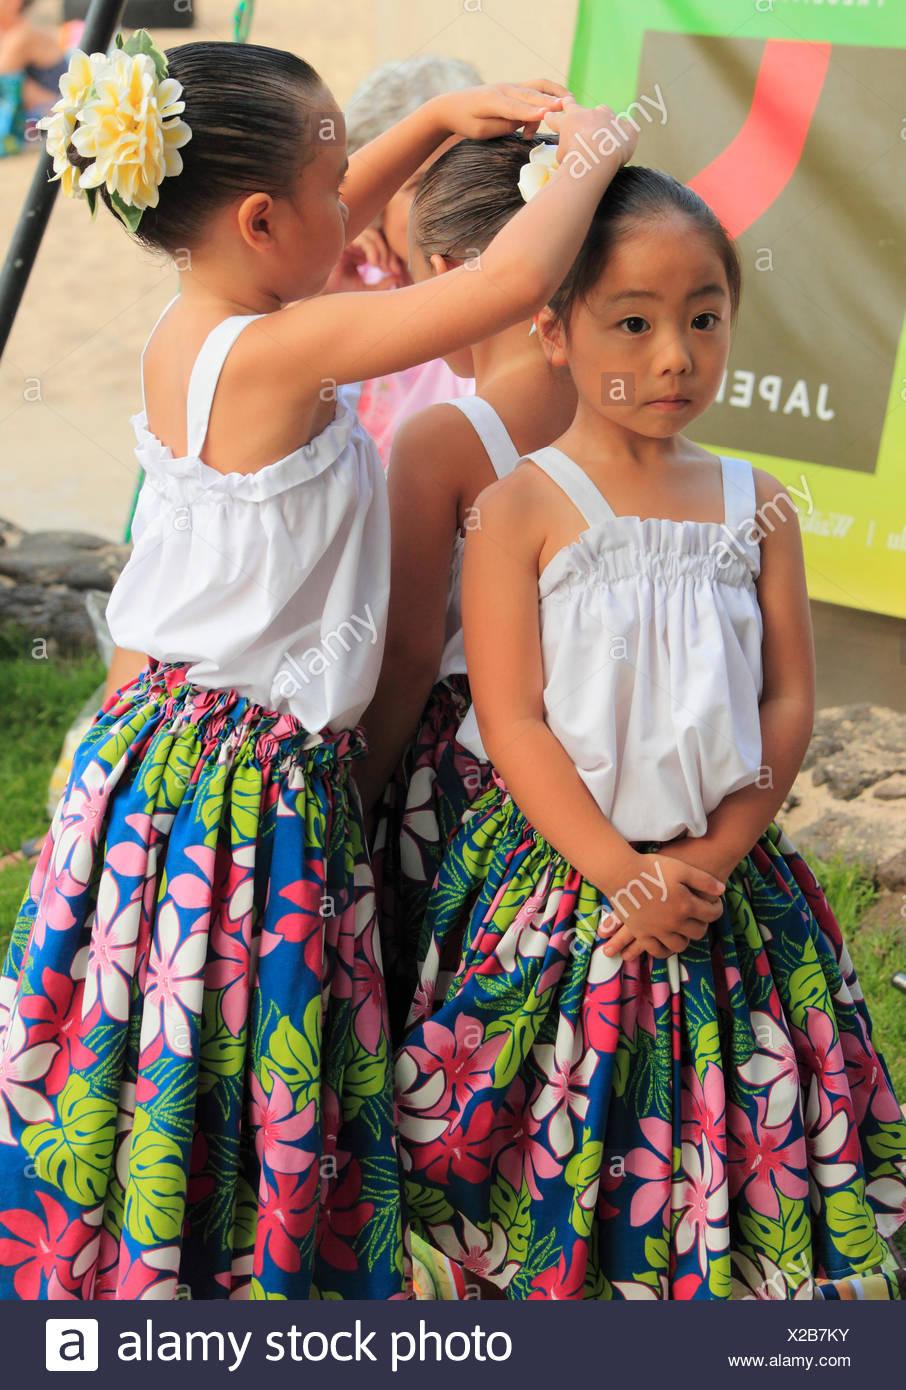 Tolle Brautkleider In Hawaii Ideen - Brautkleider Ideen - cashingy.info